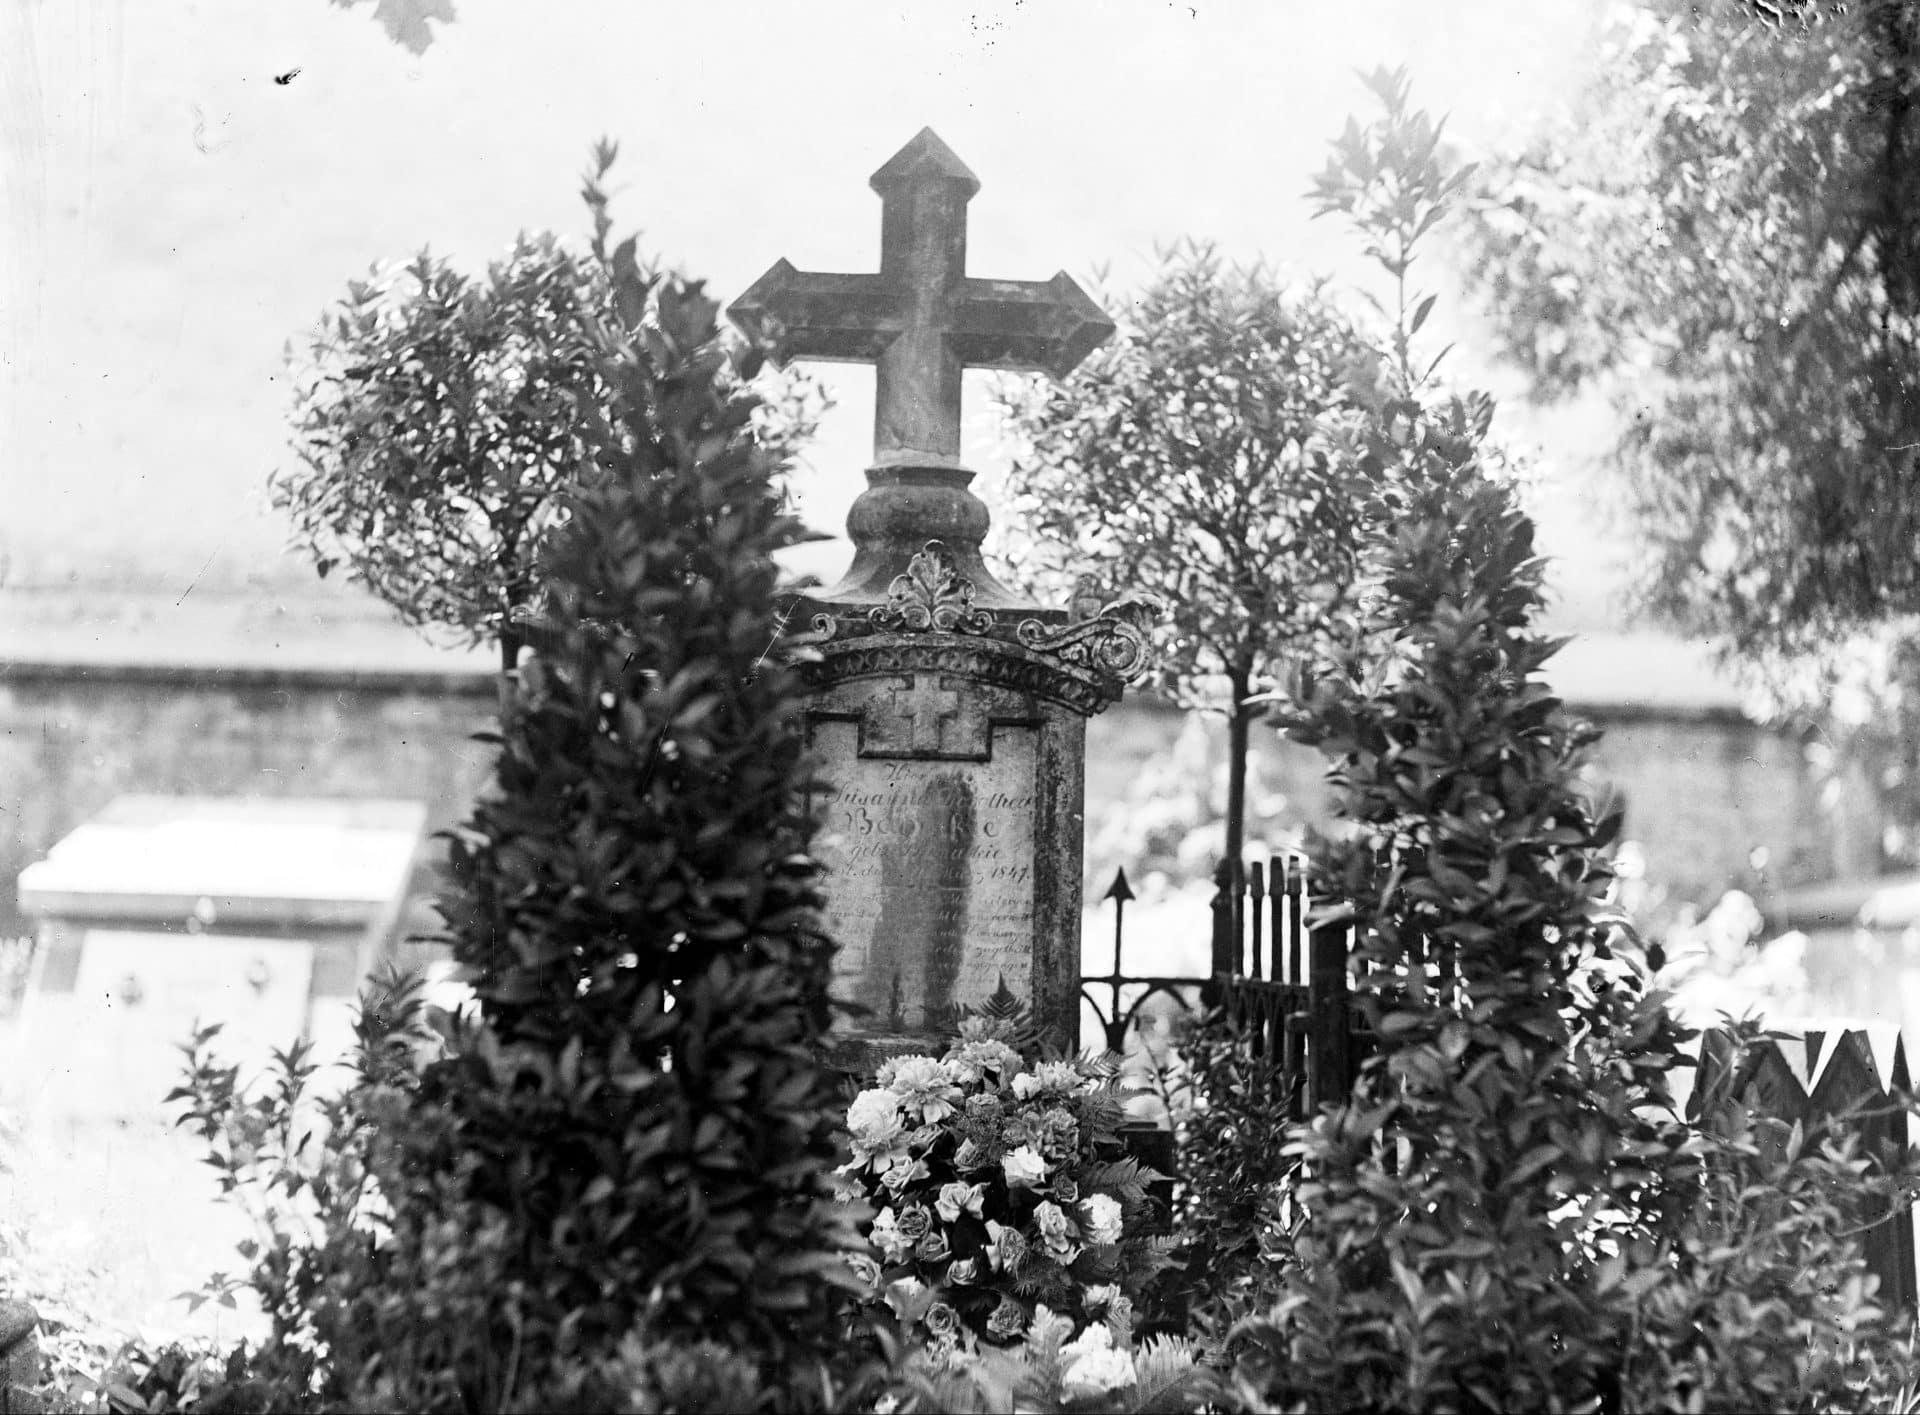 Grób filologa, językoznawcy i historyka Jerzego Samuela Bandtkego. Zdjęcie wykonano około 1935 roku. Źródło: NAC.